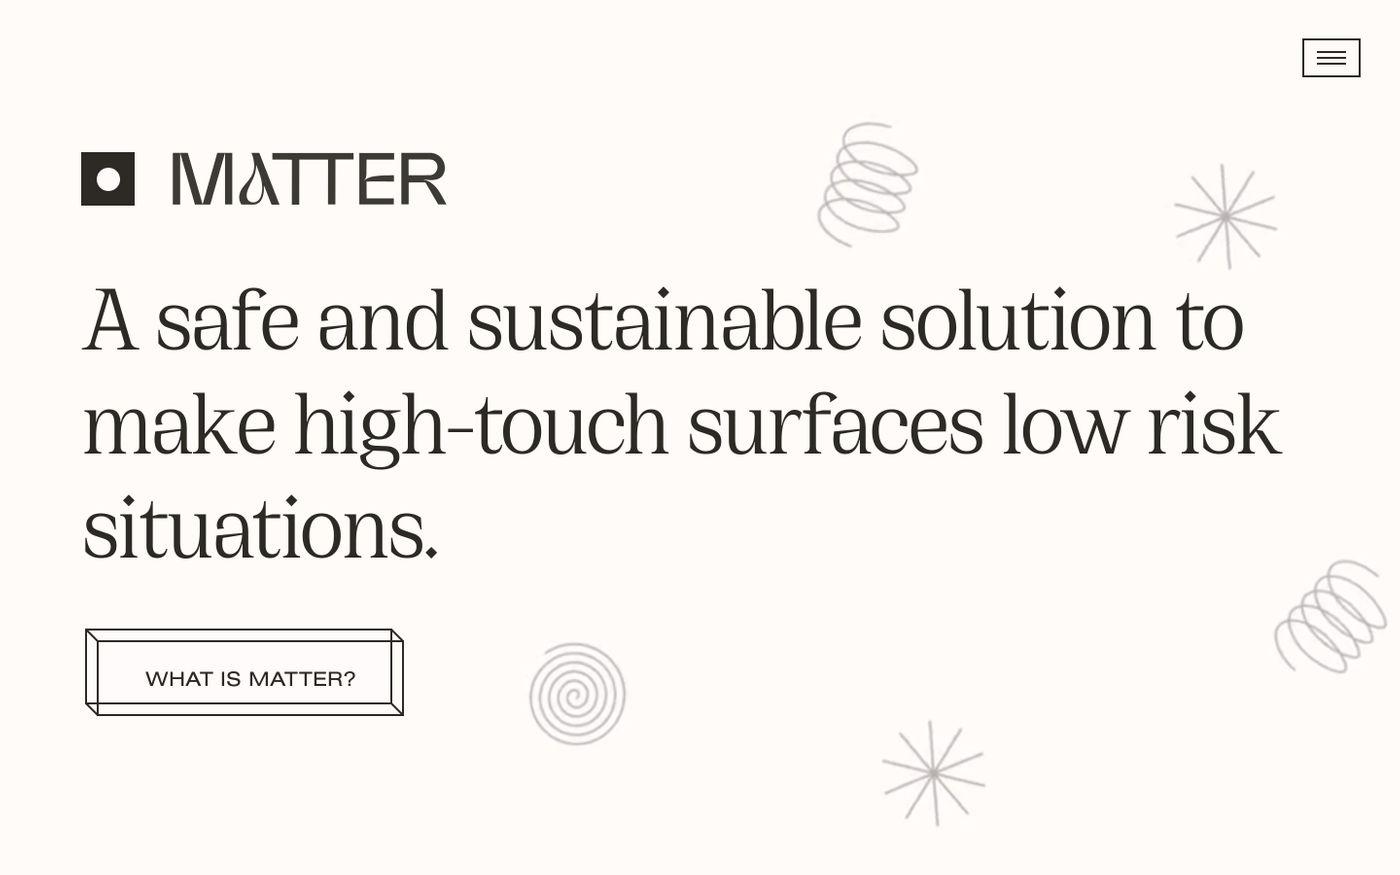 Screenshot of Matter website